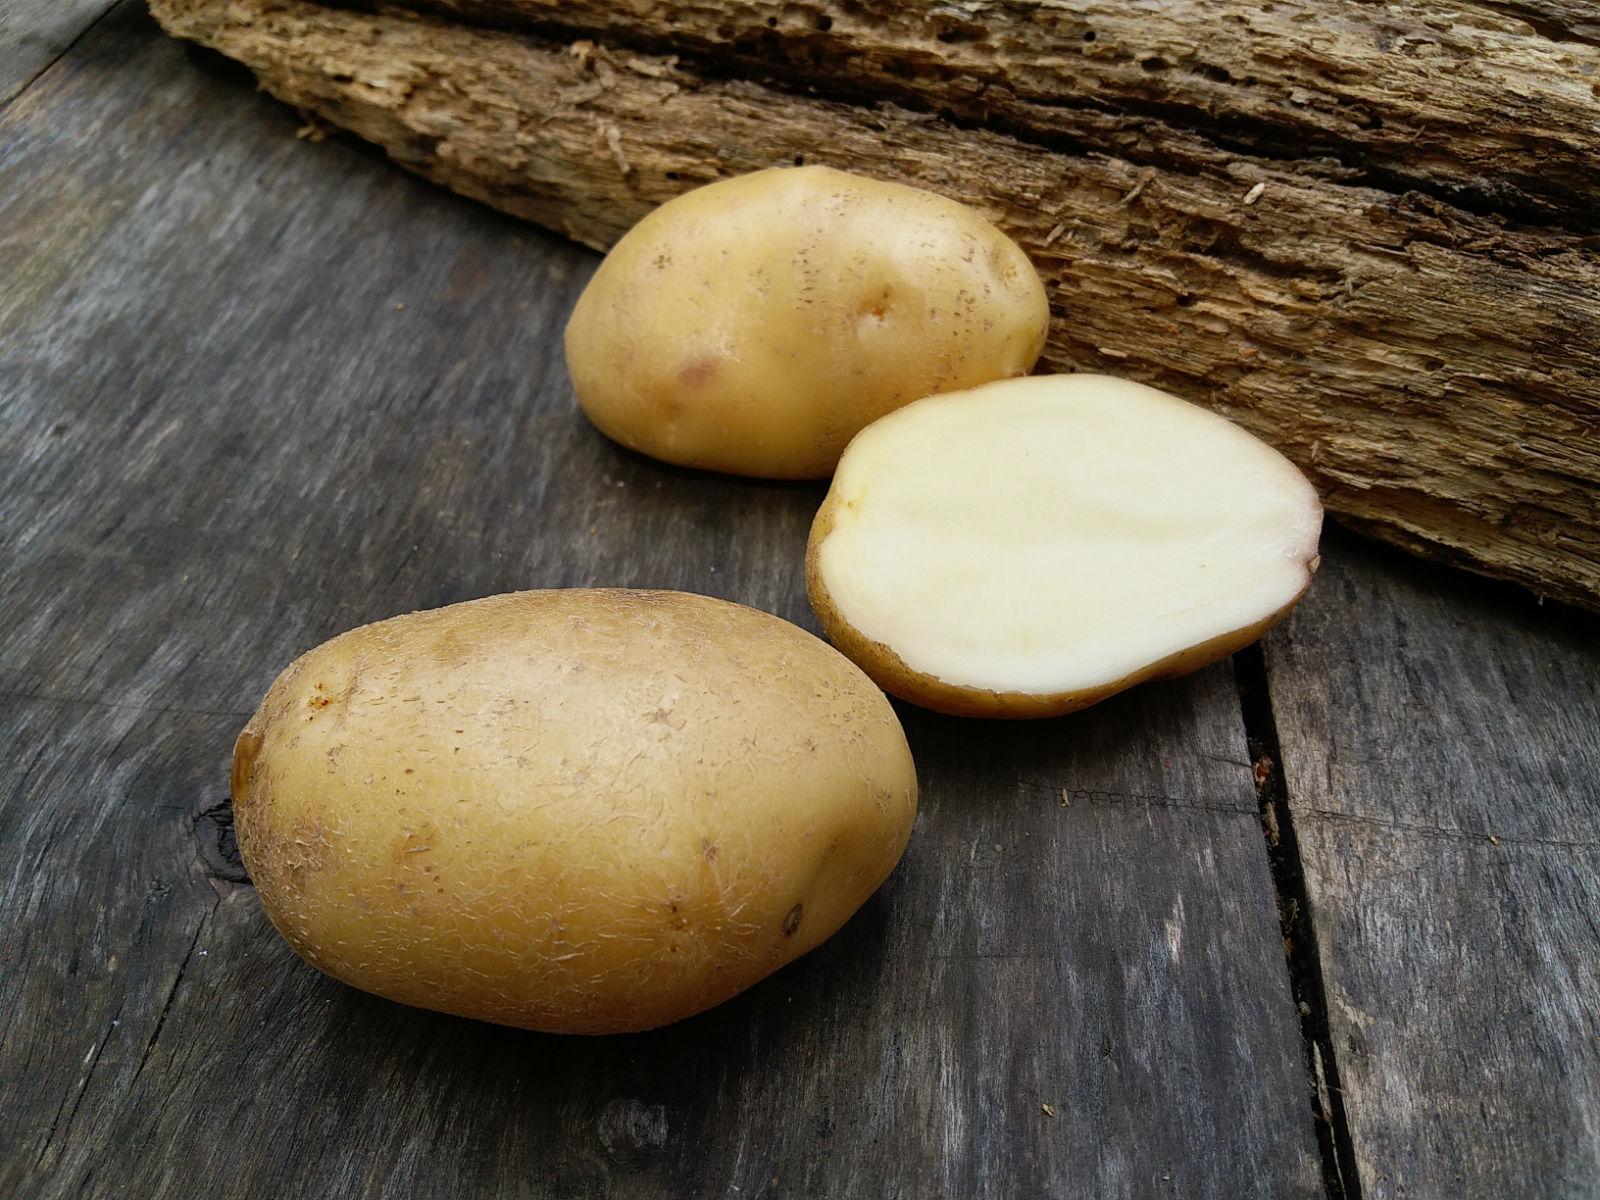 Картофель Лорх обладает приятным вкусом